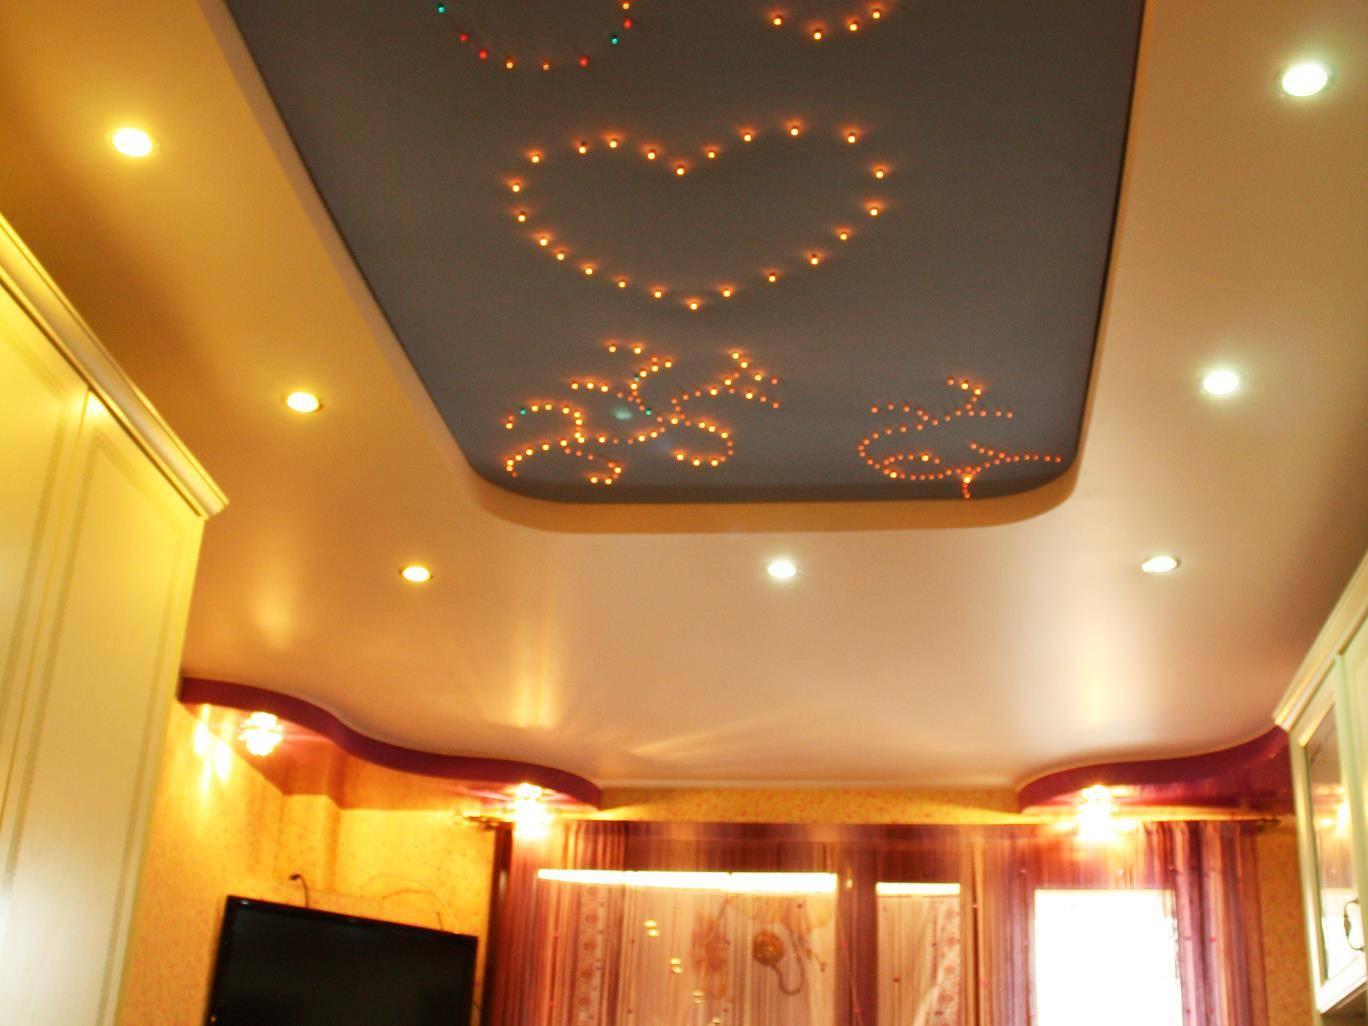 Как натянуть натяжные потолки – технология монтажа потолка и светильников